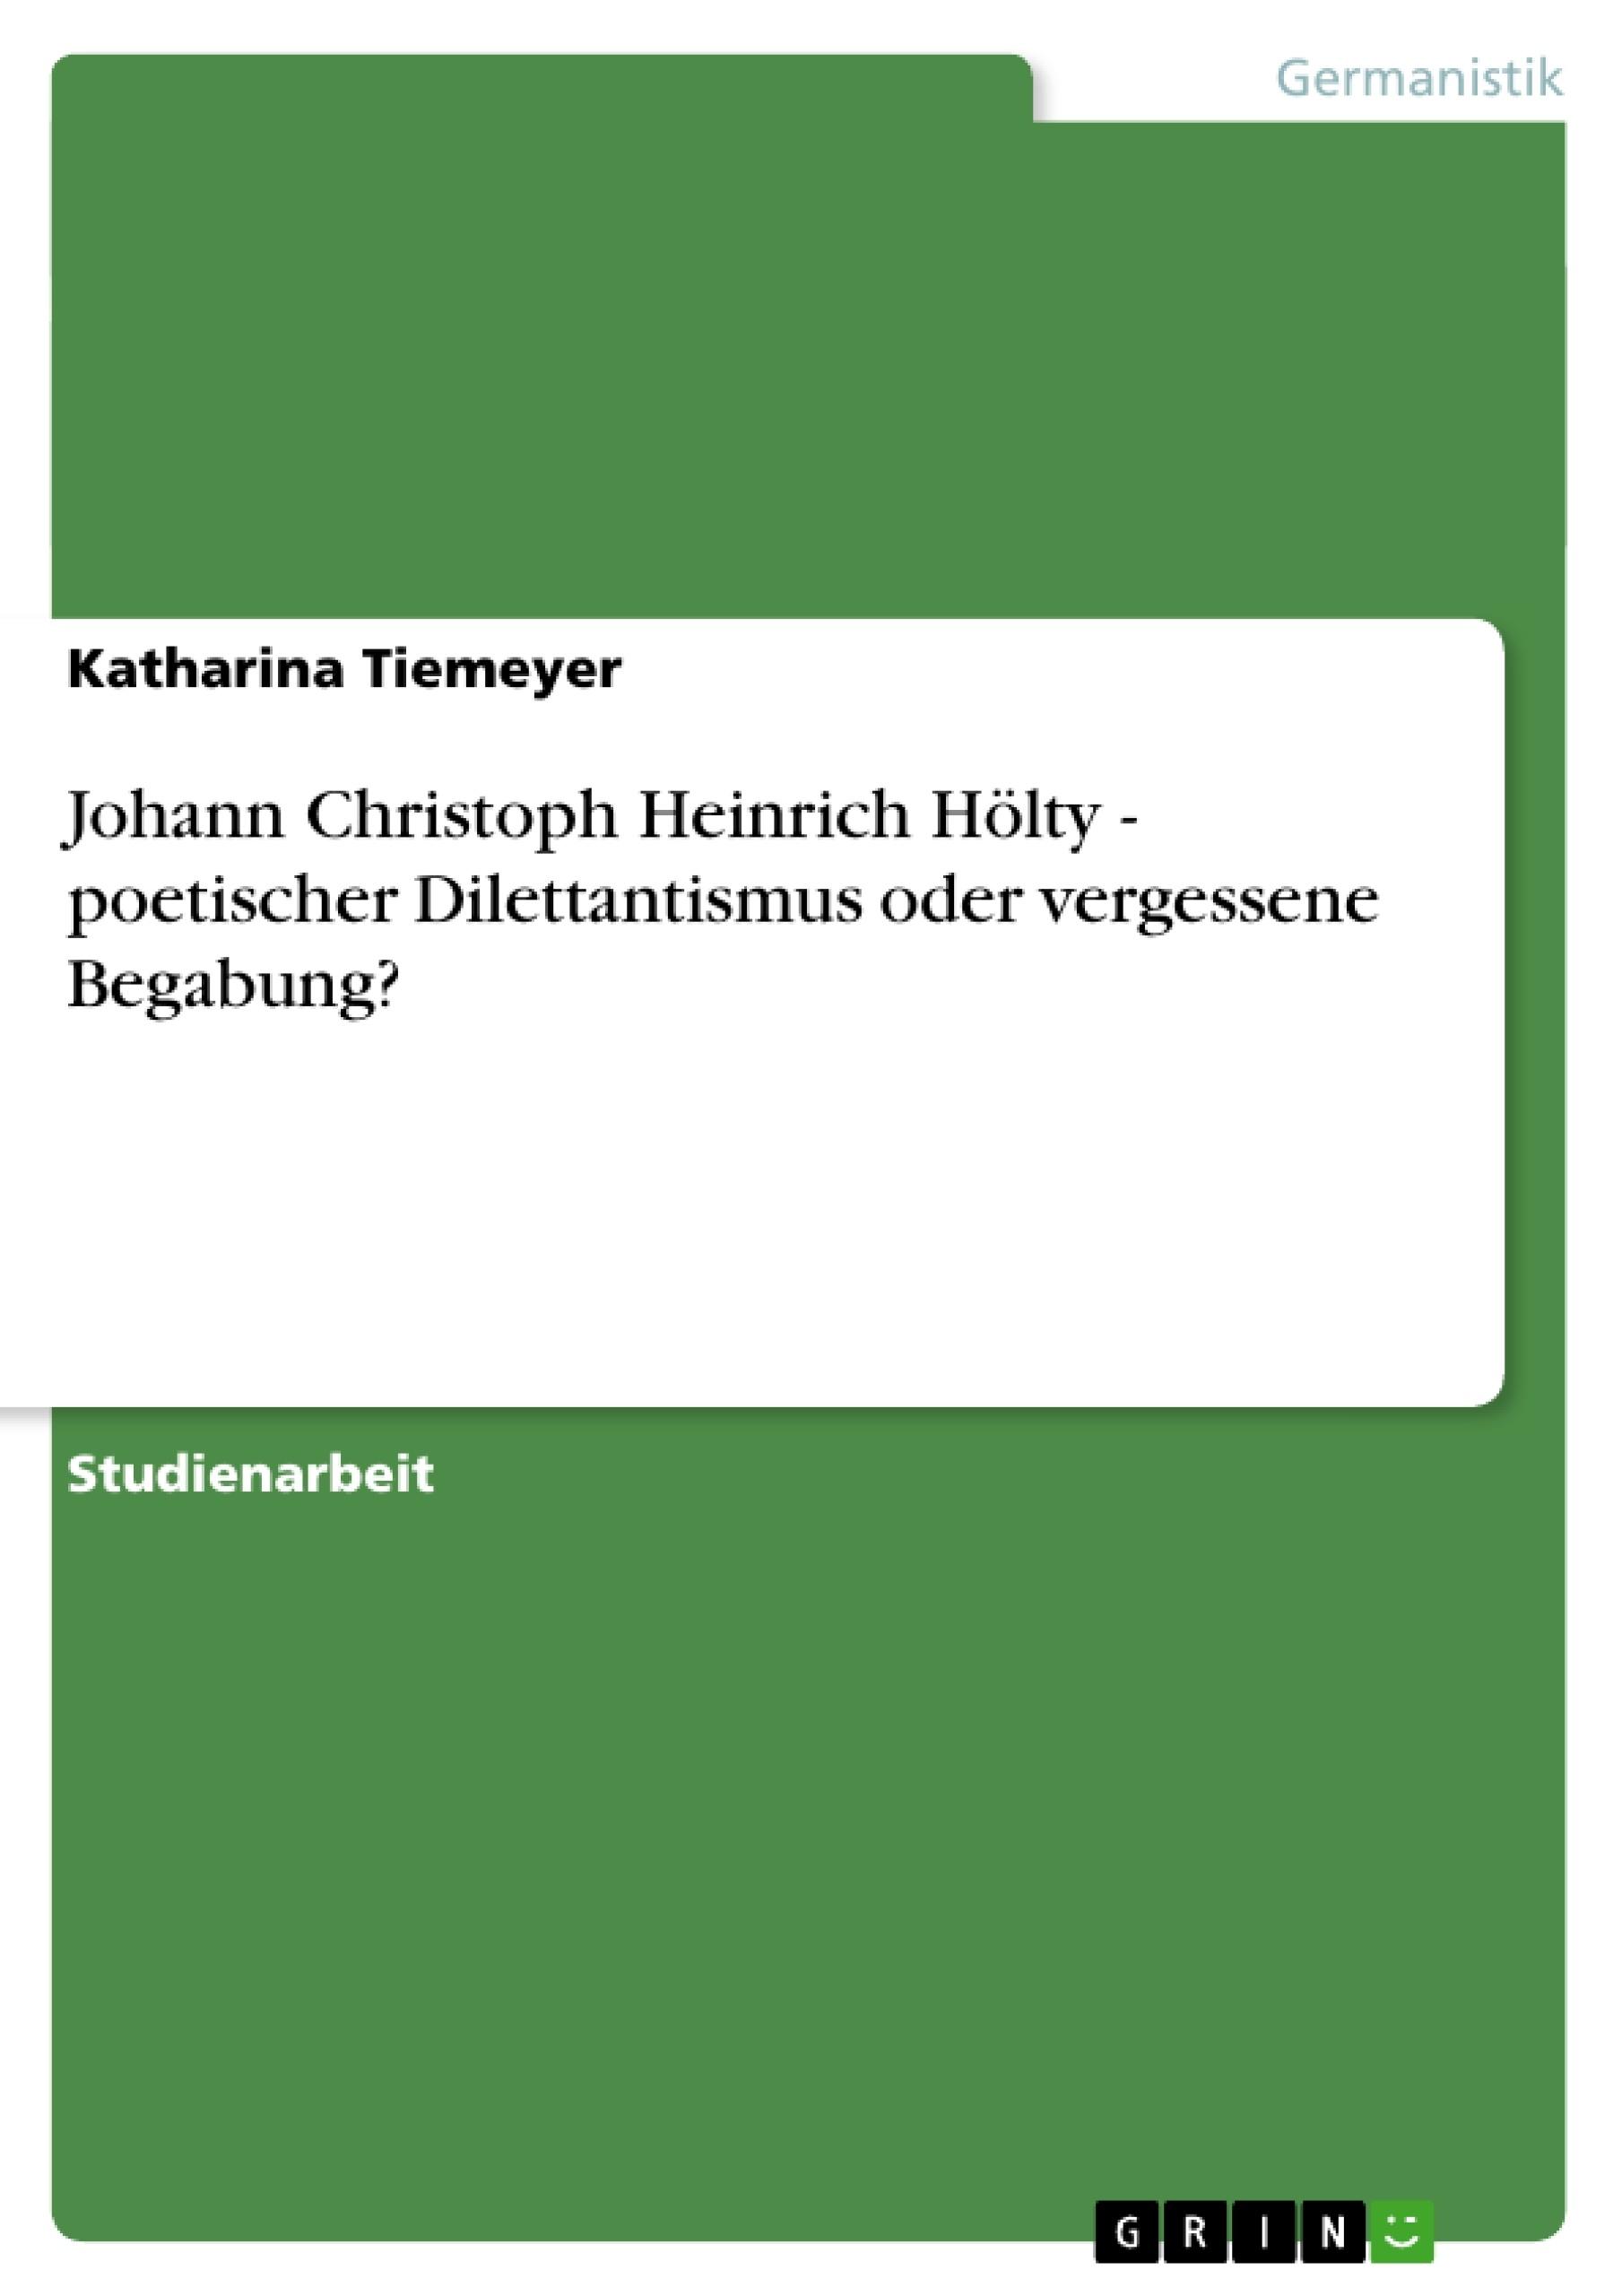 Titel: Johann Christoph Heinrich Hölty - poetischer Dilettantismus oder vergessene Begabung?